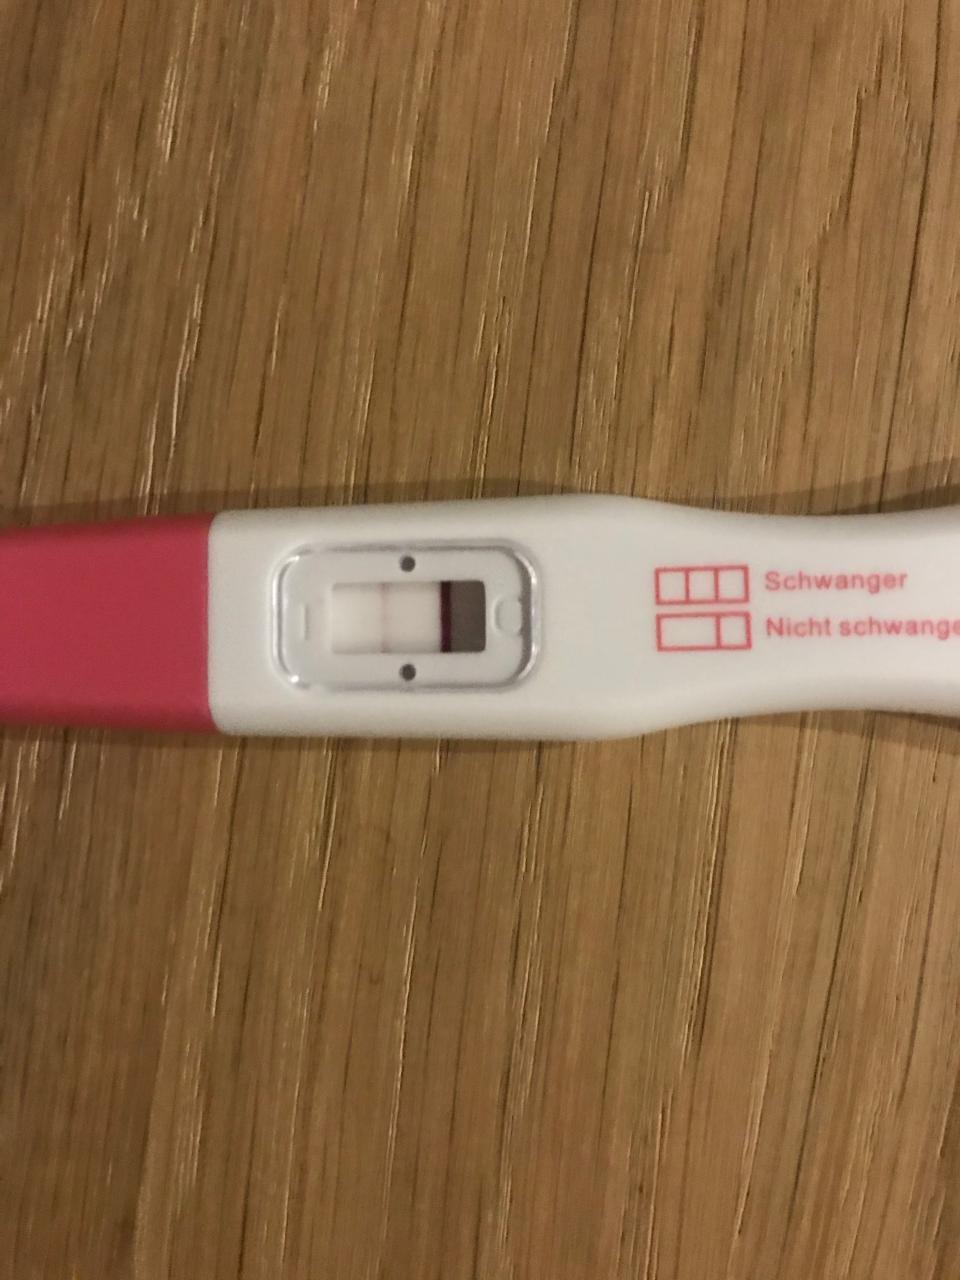 Nmt Schwangerschaft